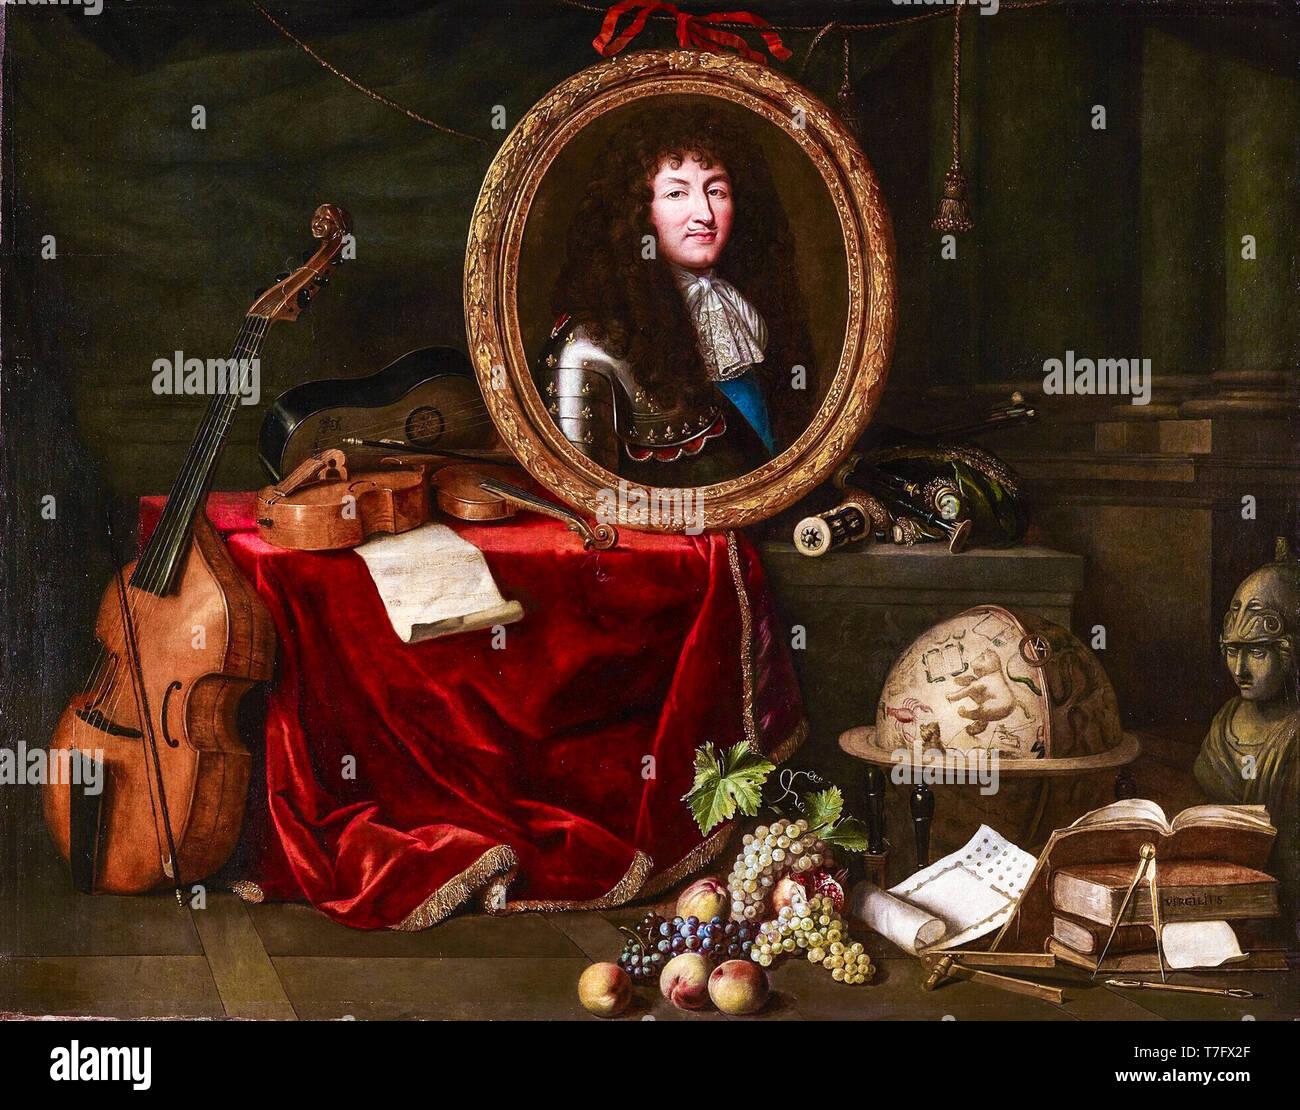 Louis XIV, le protecteur des arts et des Sciences. Allégorie de 1672, peinture de Jean Garnier, après Claude Lefèbvre, ch. 1670-1672 Banque D'Images